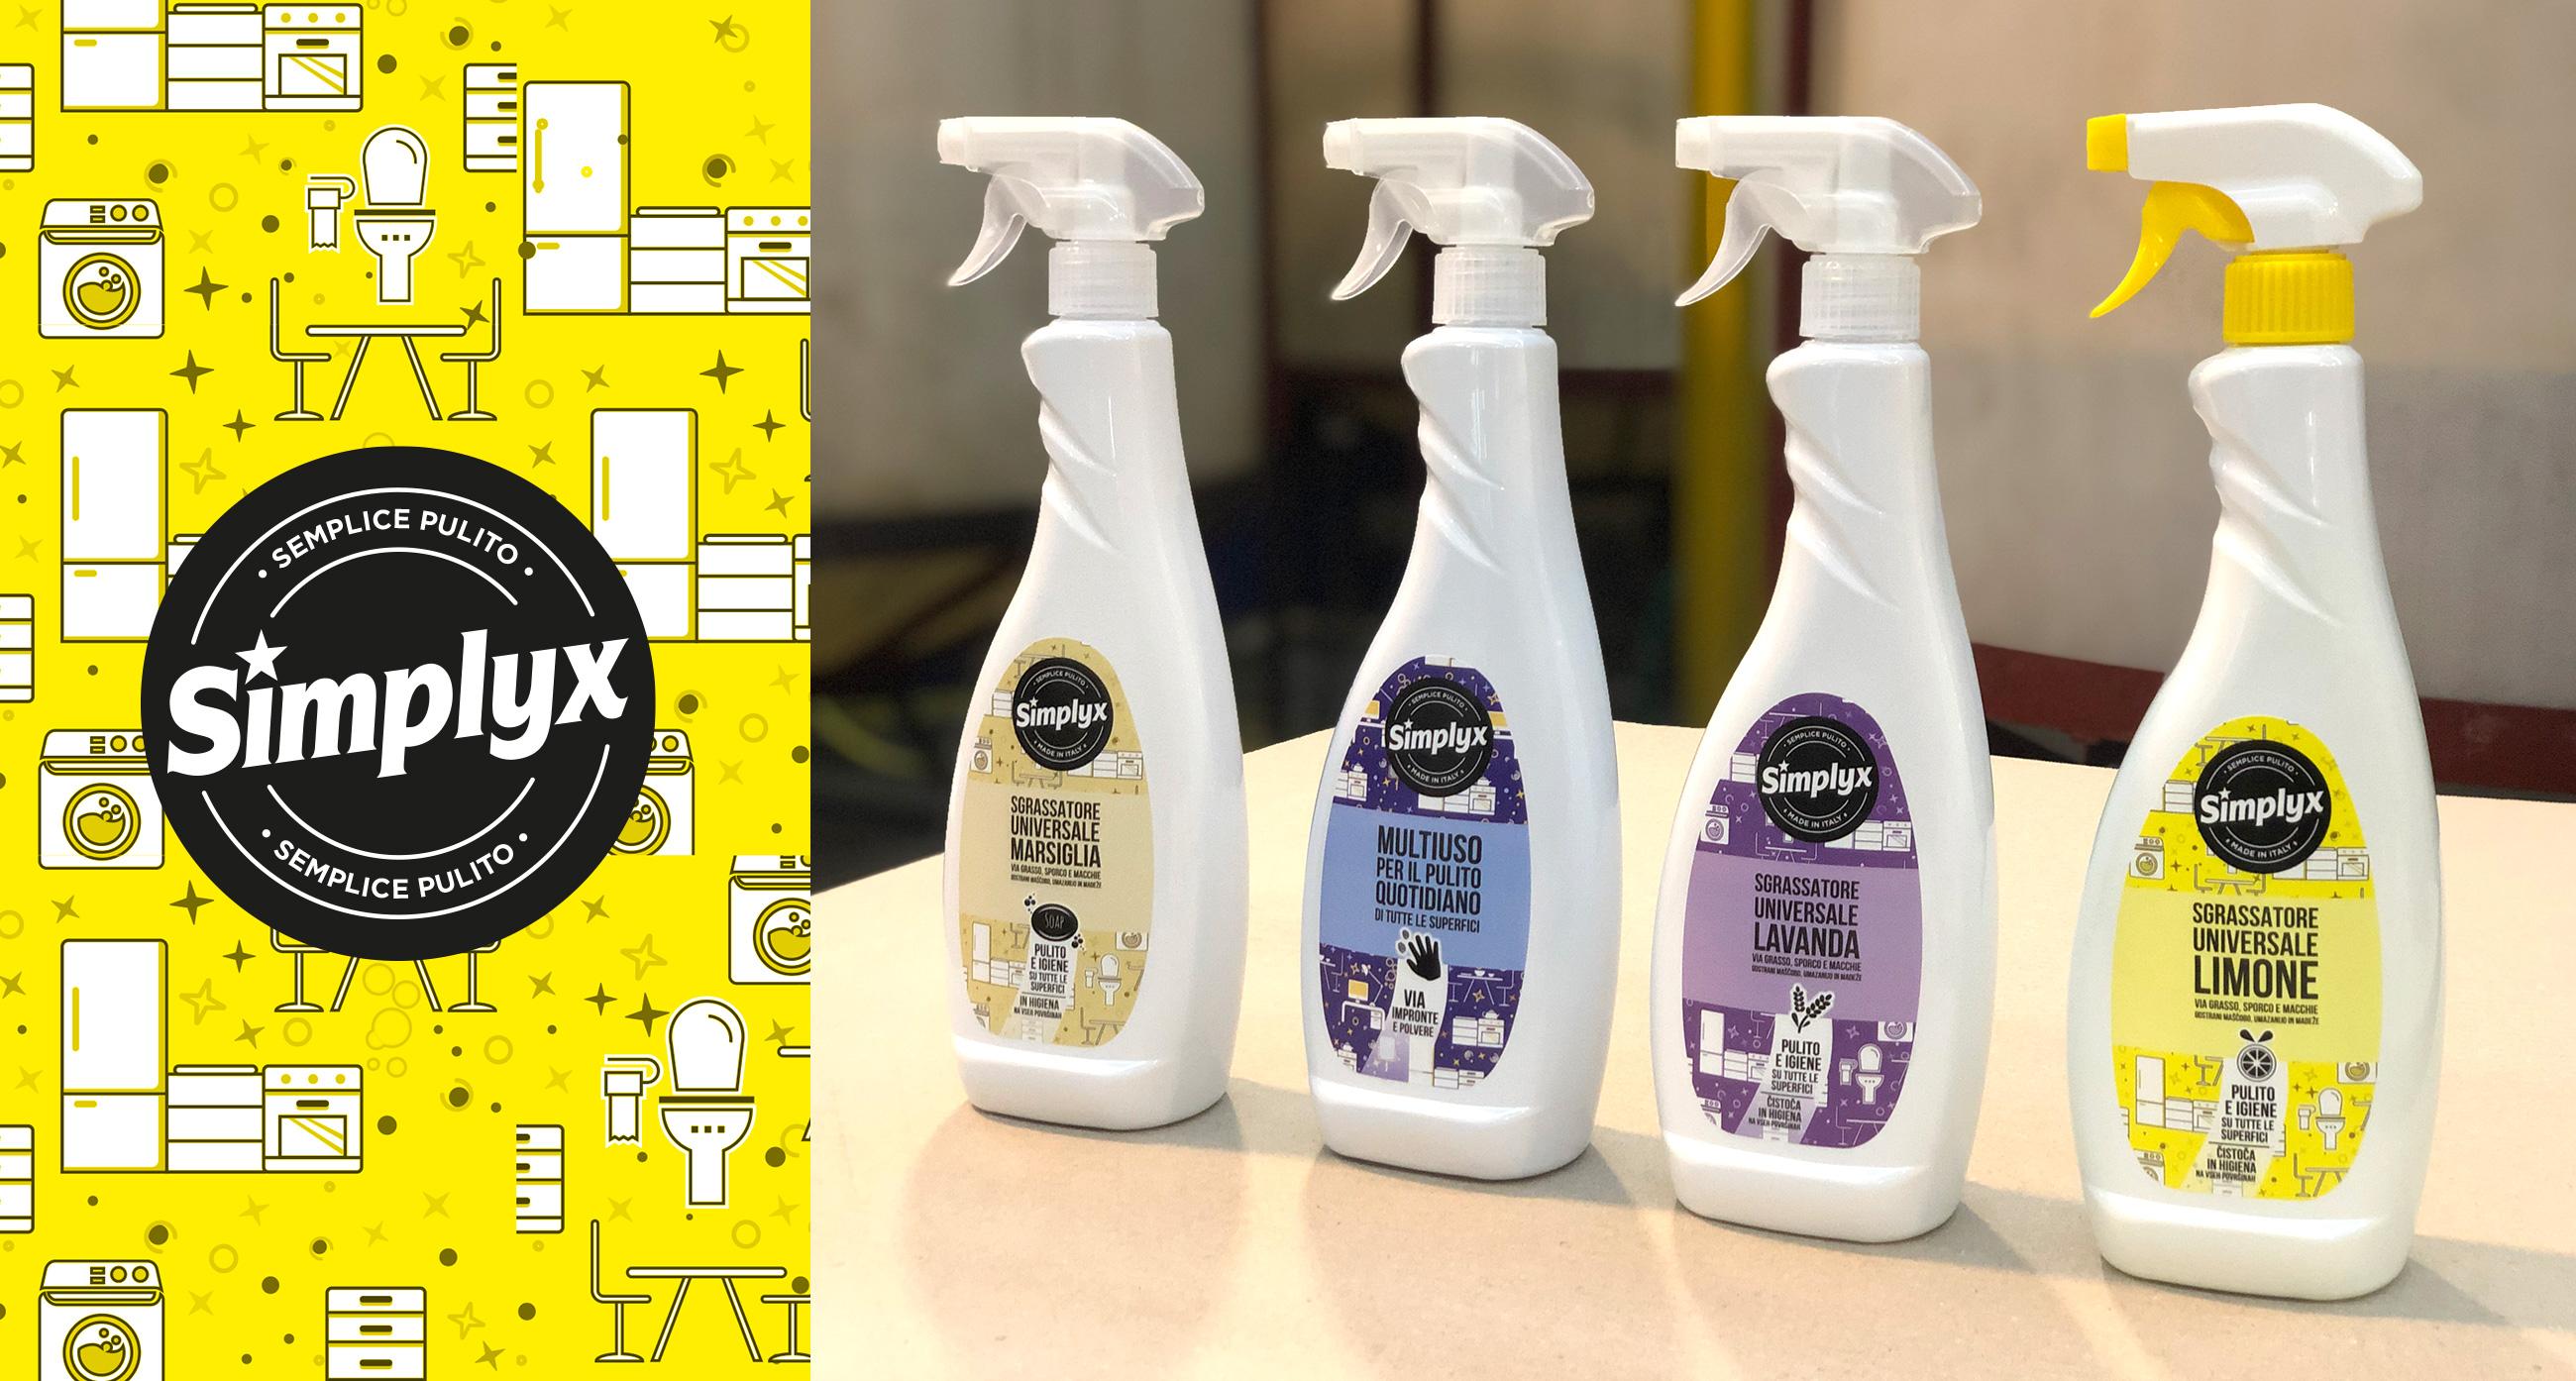 Simplyx design nuove etichette prodotto